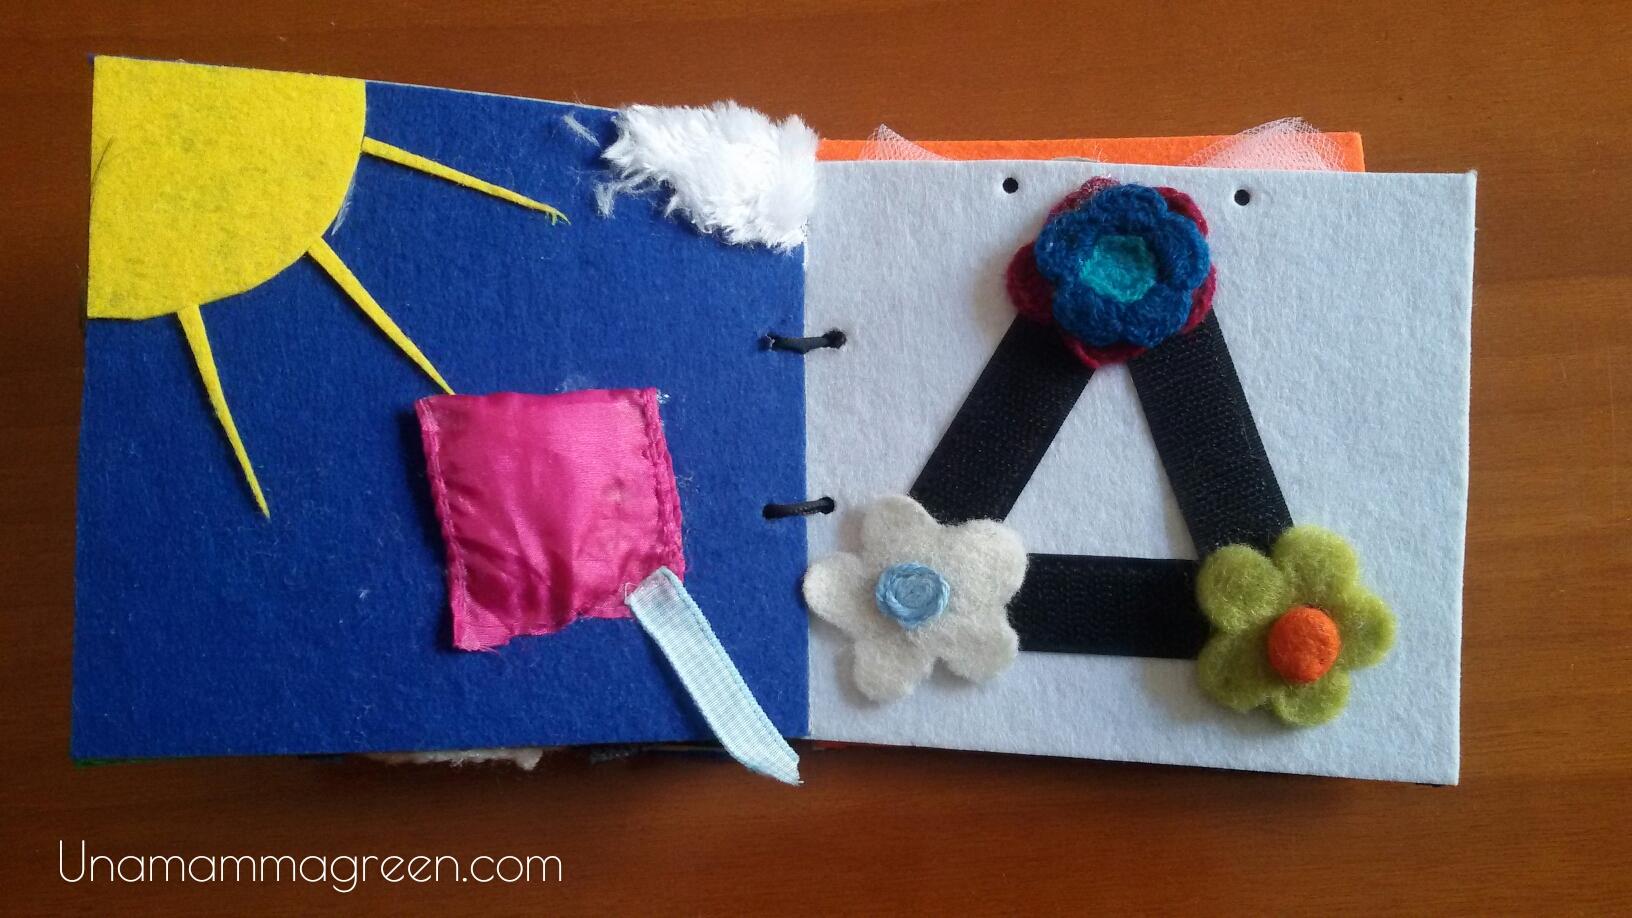 abbastanza Libro tattile fai da te con materiali riciclati - Una mamma green LB42